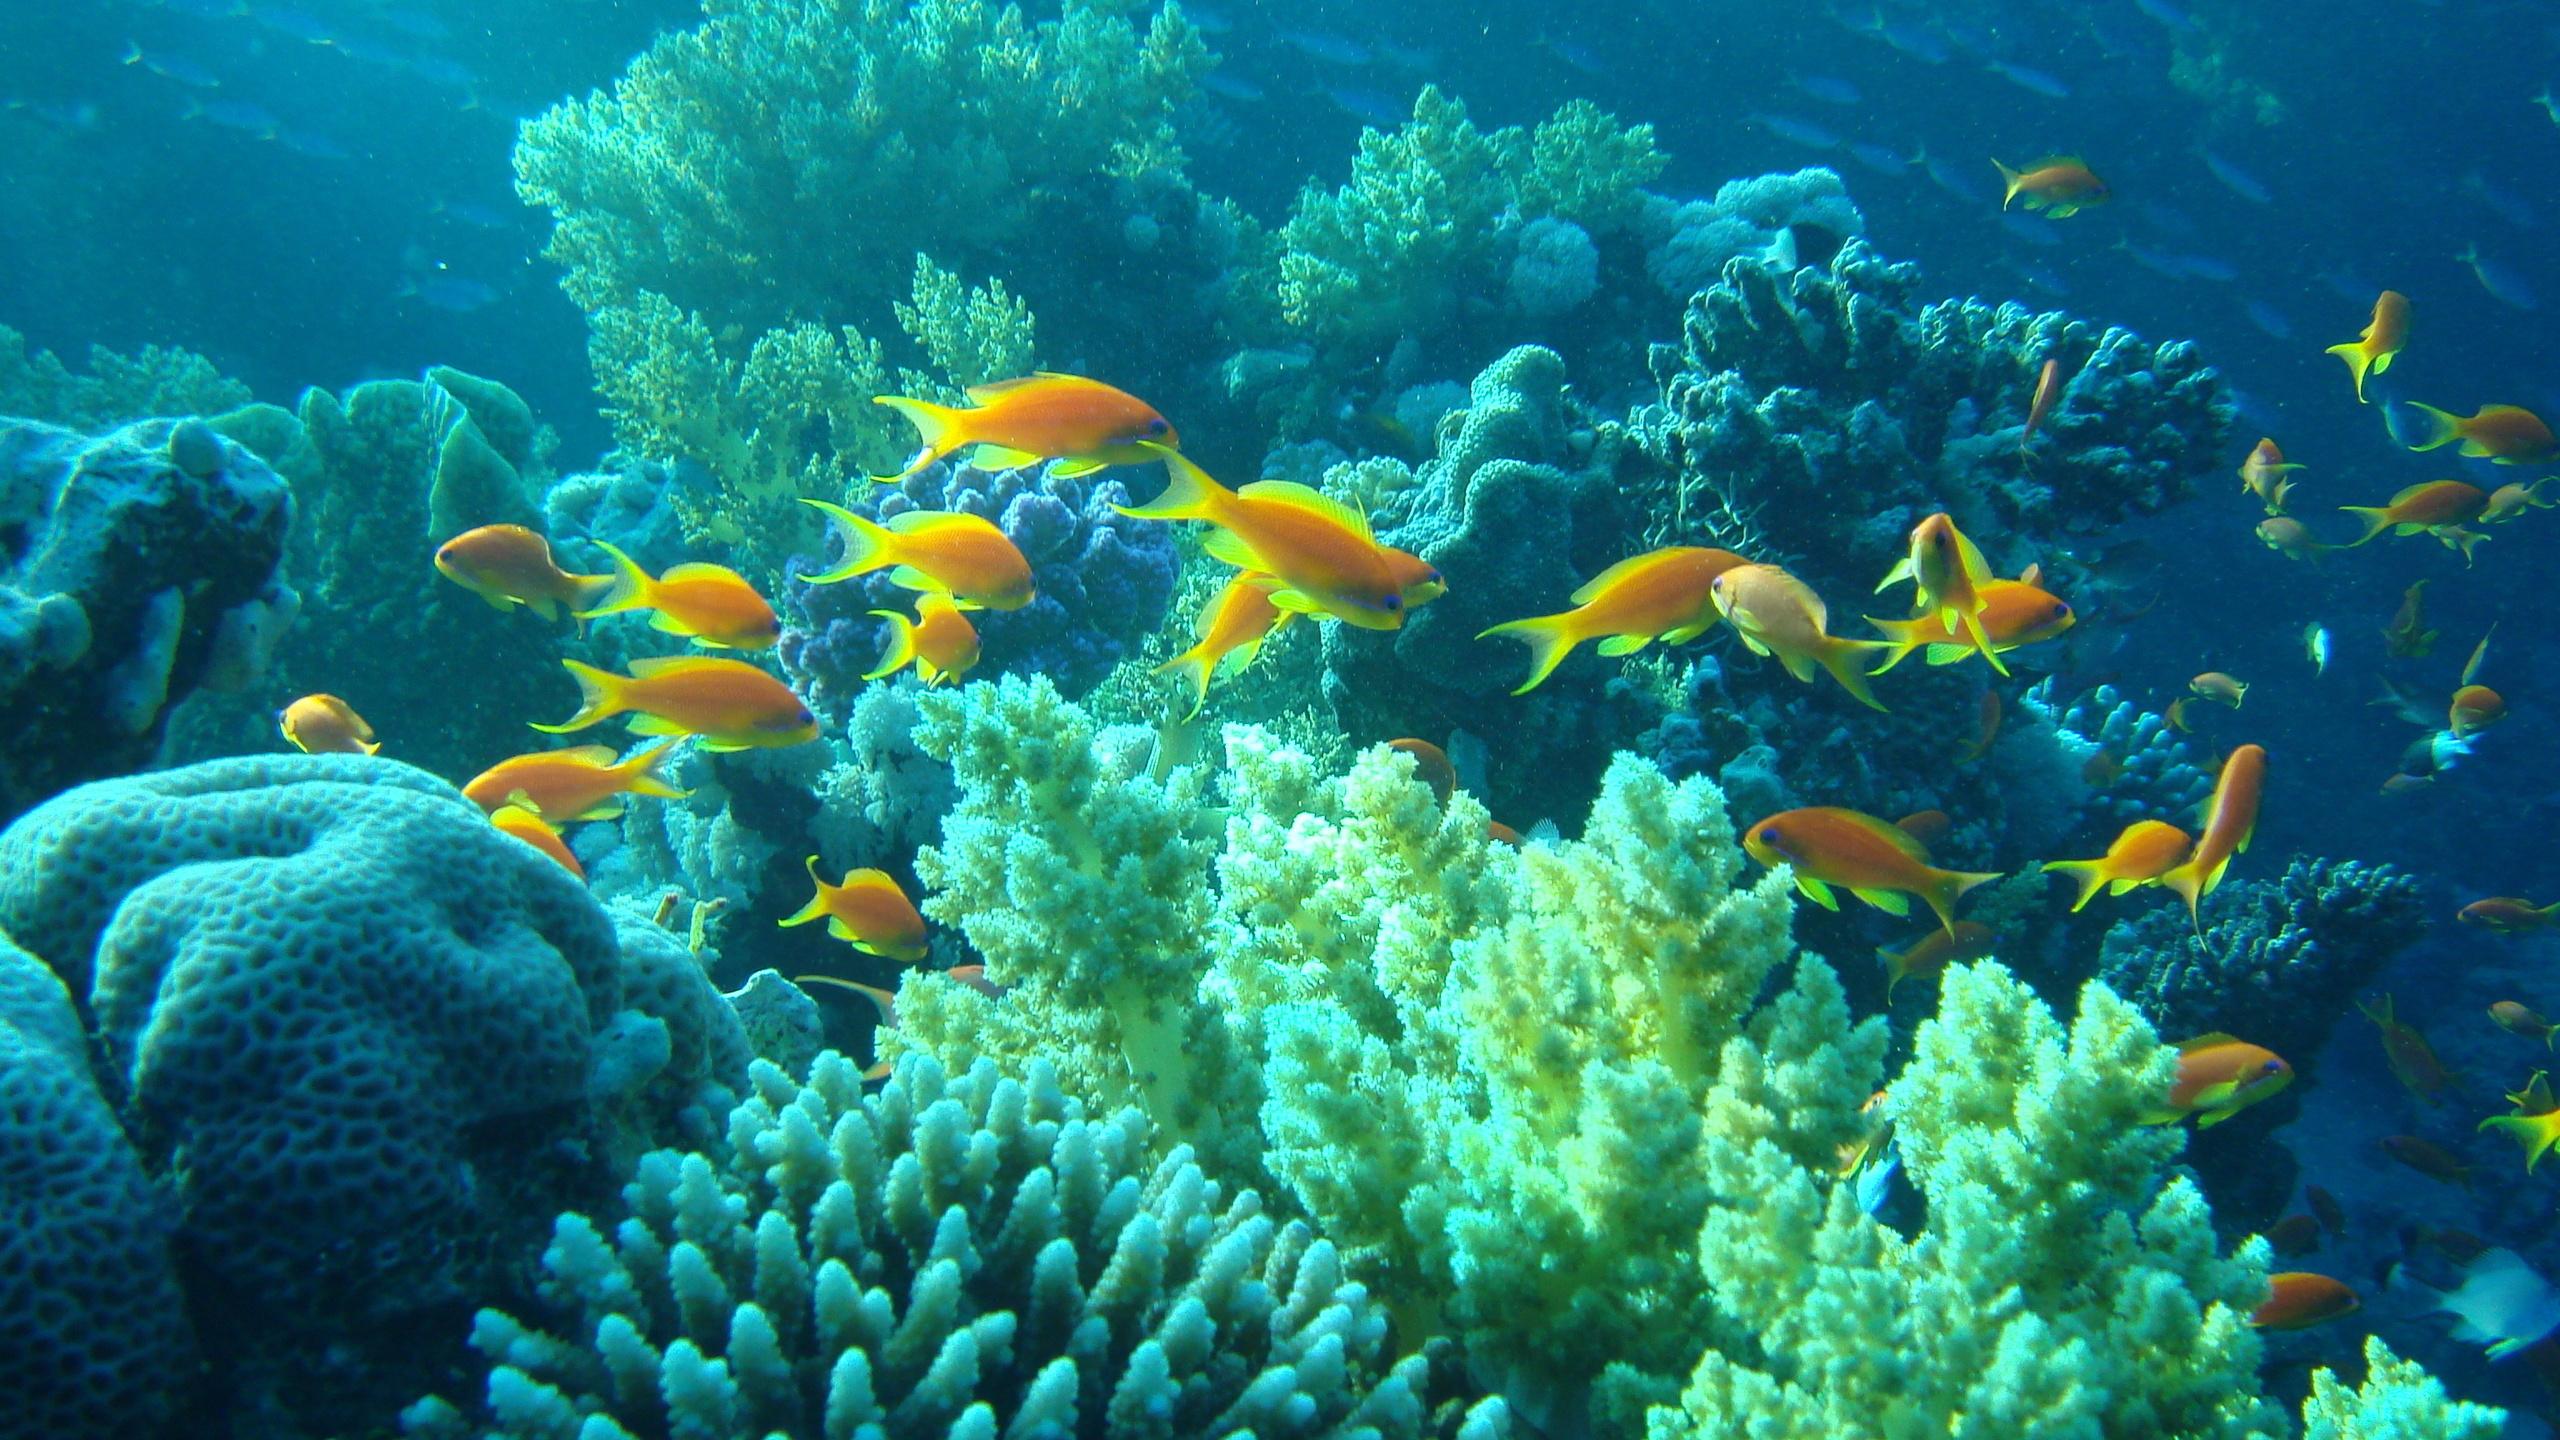 многом фото подводного мира башке таким